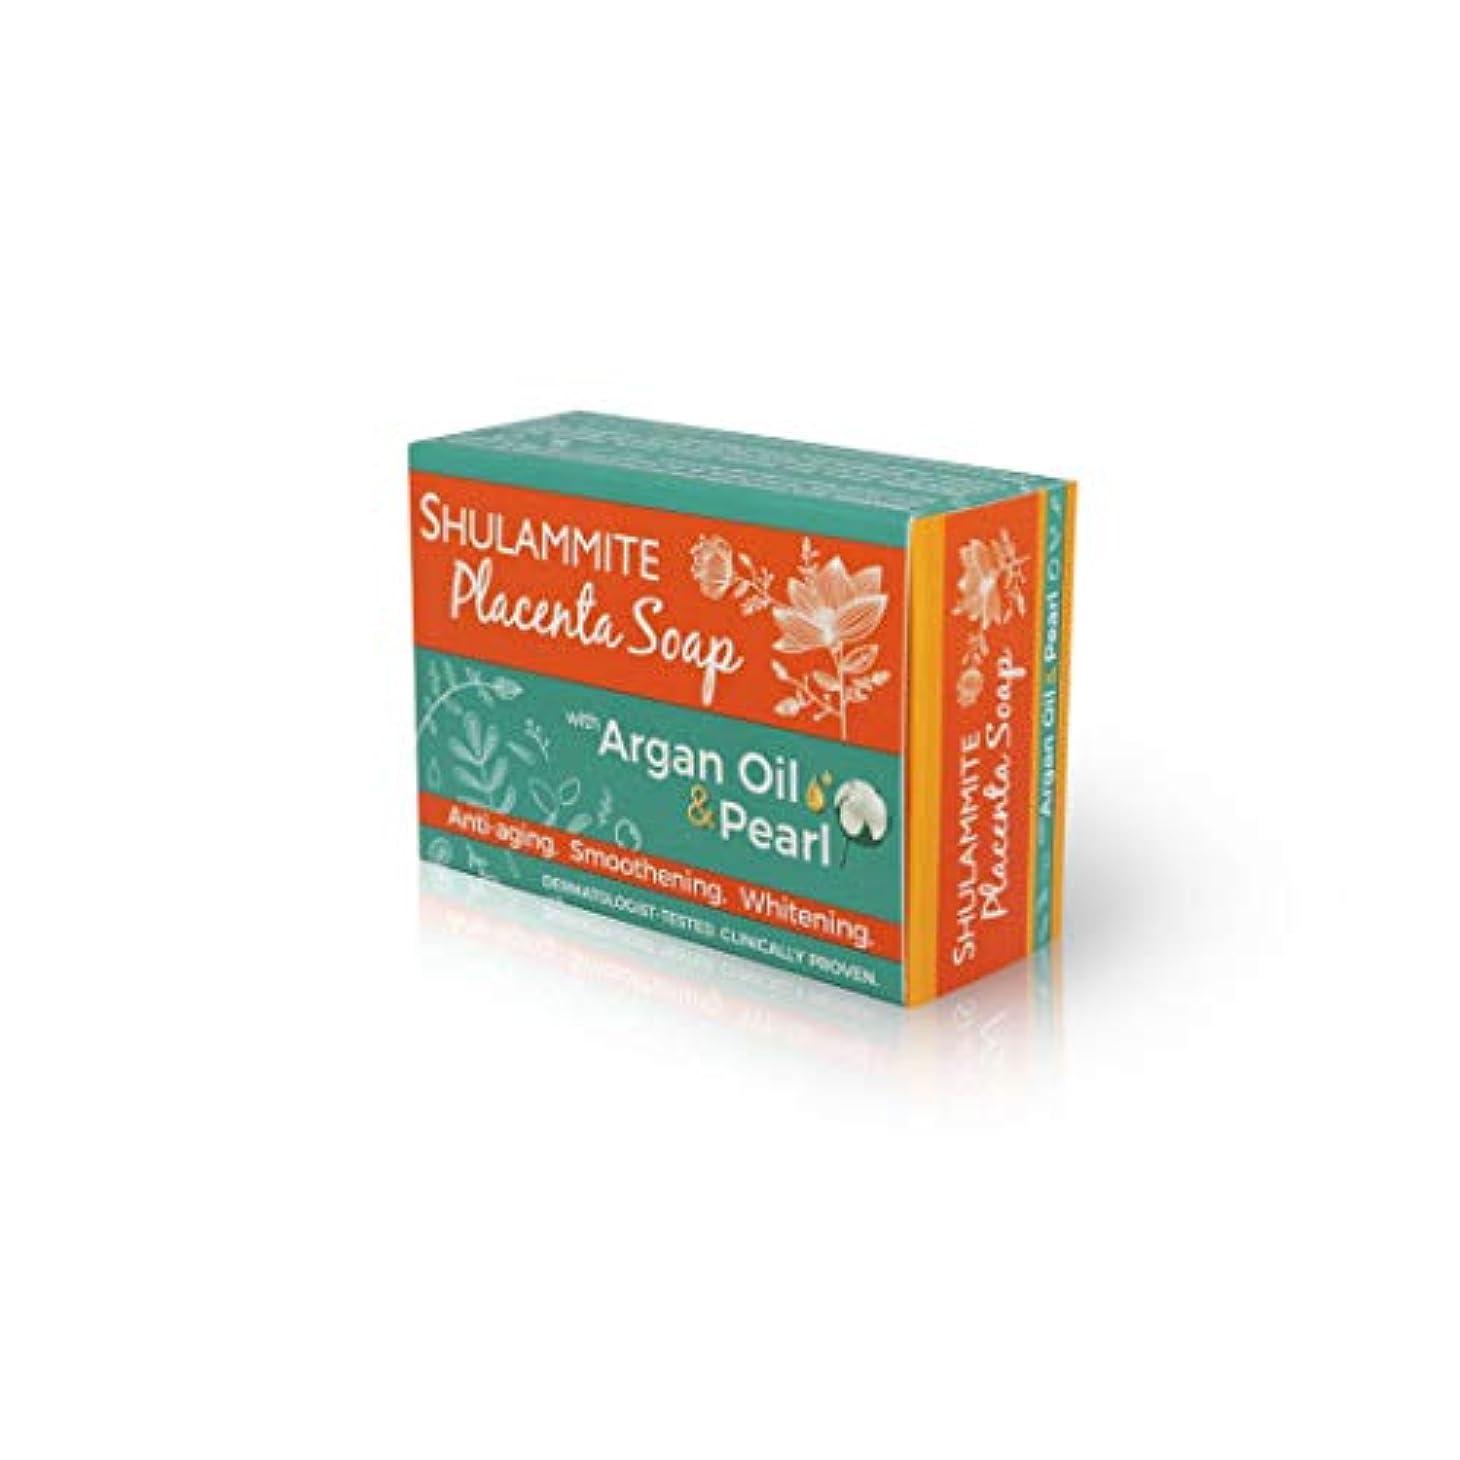 アカデミーワゴン宗教SHULAMMITE Placenta Soap with Argan Oil & Pearl/アルガンオイル&パール配合ソープ150g